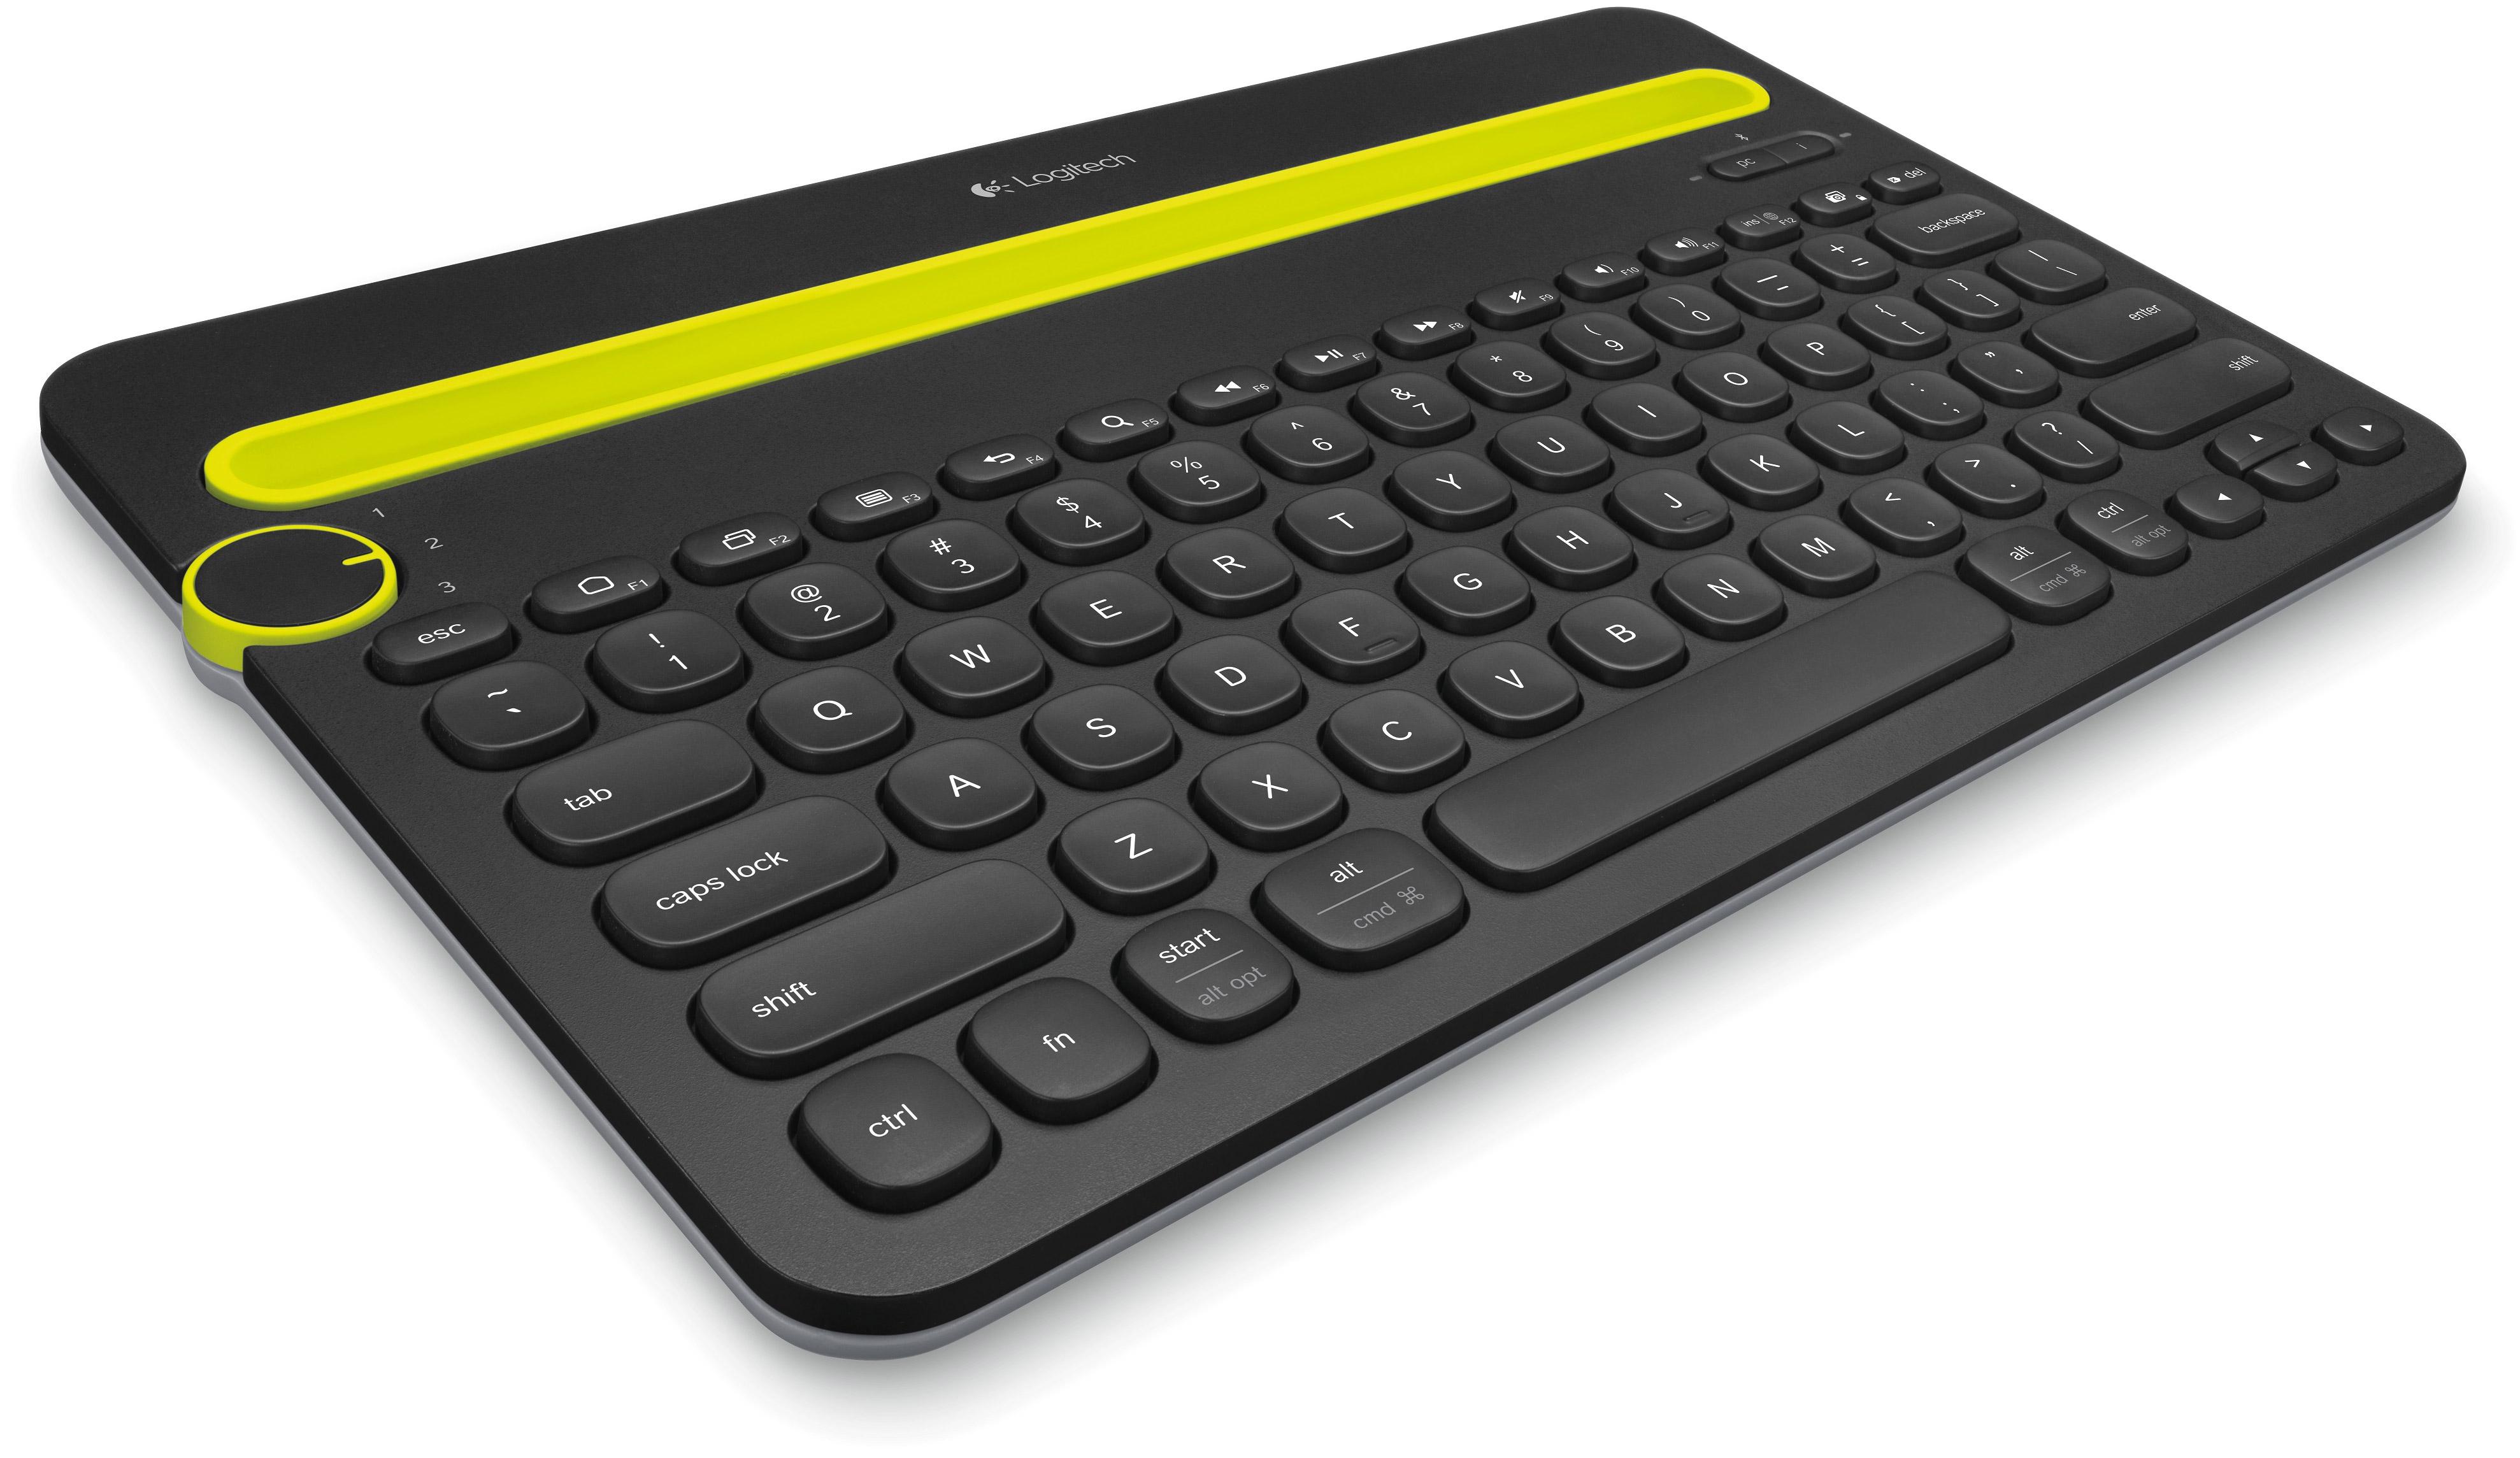 клавиатура простая фото представляем вам фотографии